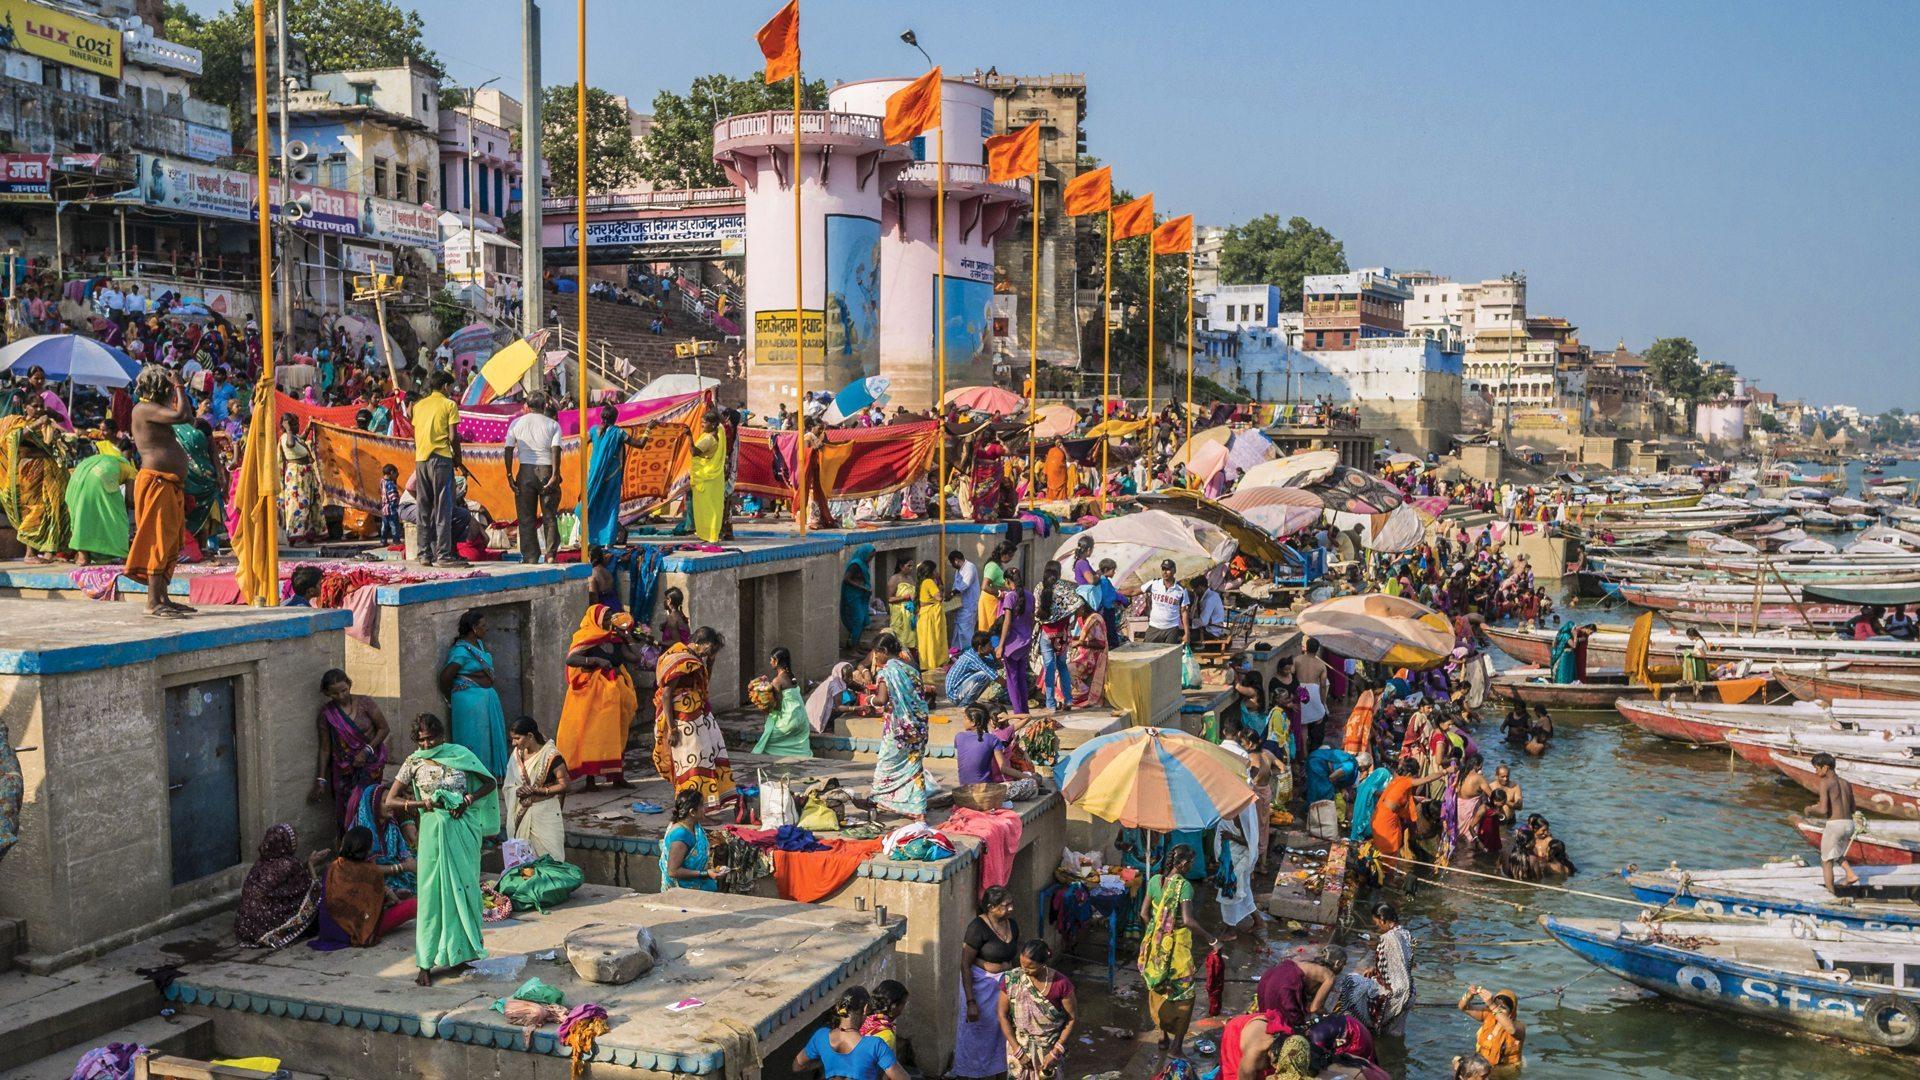 در سفر به هند نکات بهداشتی را رعایت کنید